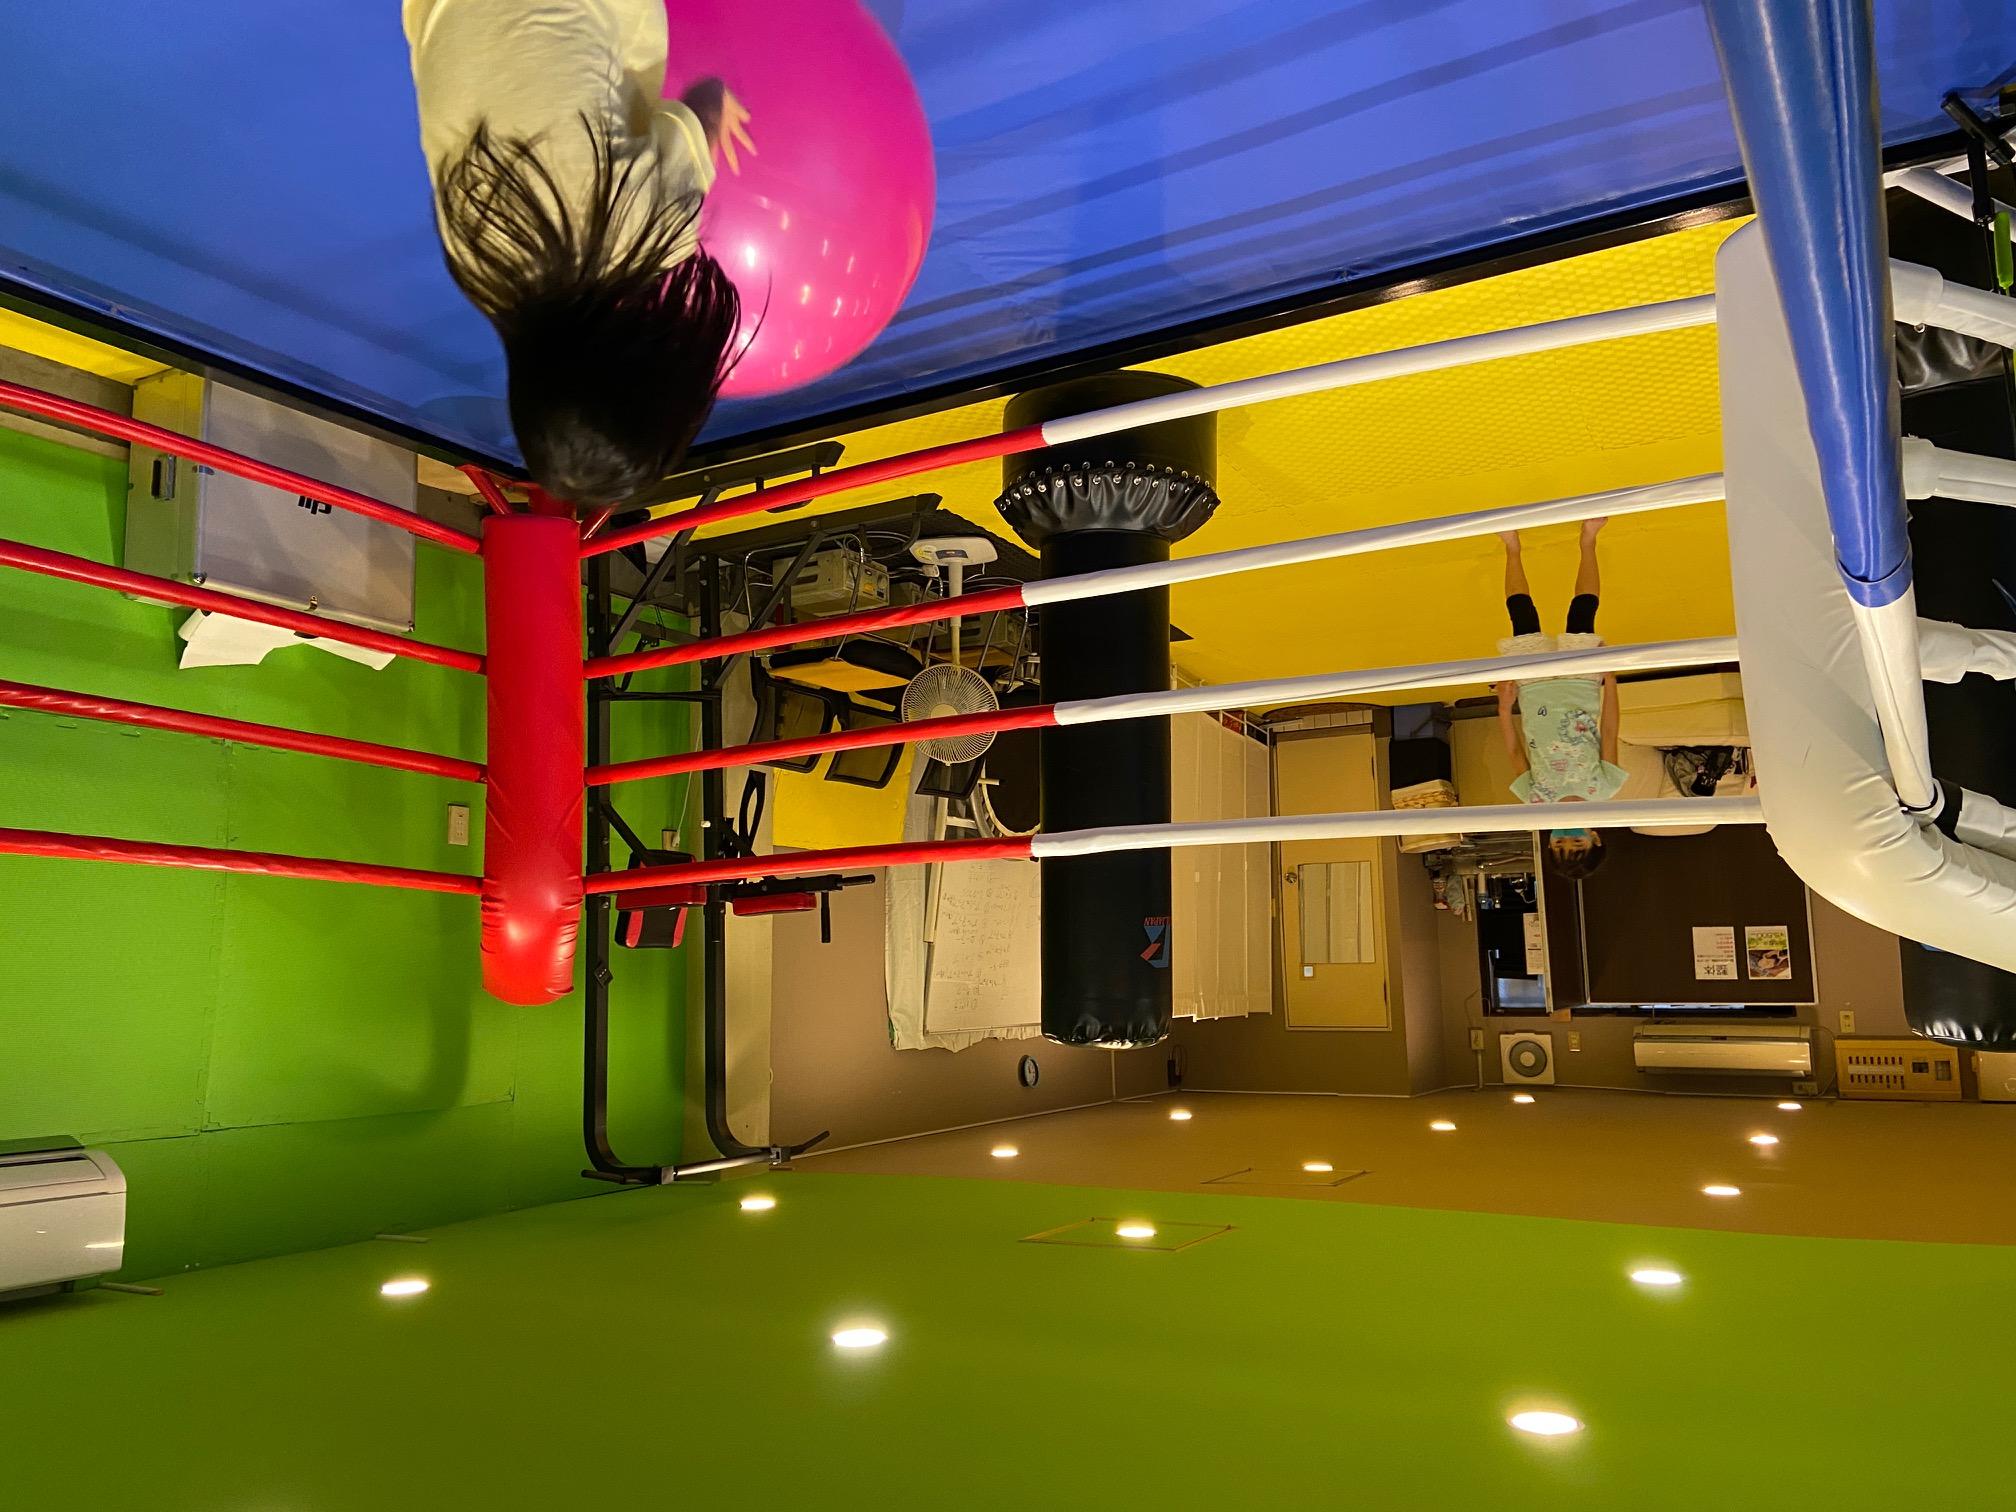 kosodate_bkt-300x70 杉並区「子育て応援券」利用可の 「親子で楽しむキックボクシング」で運動不足解消、ストレス発散!